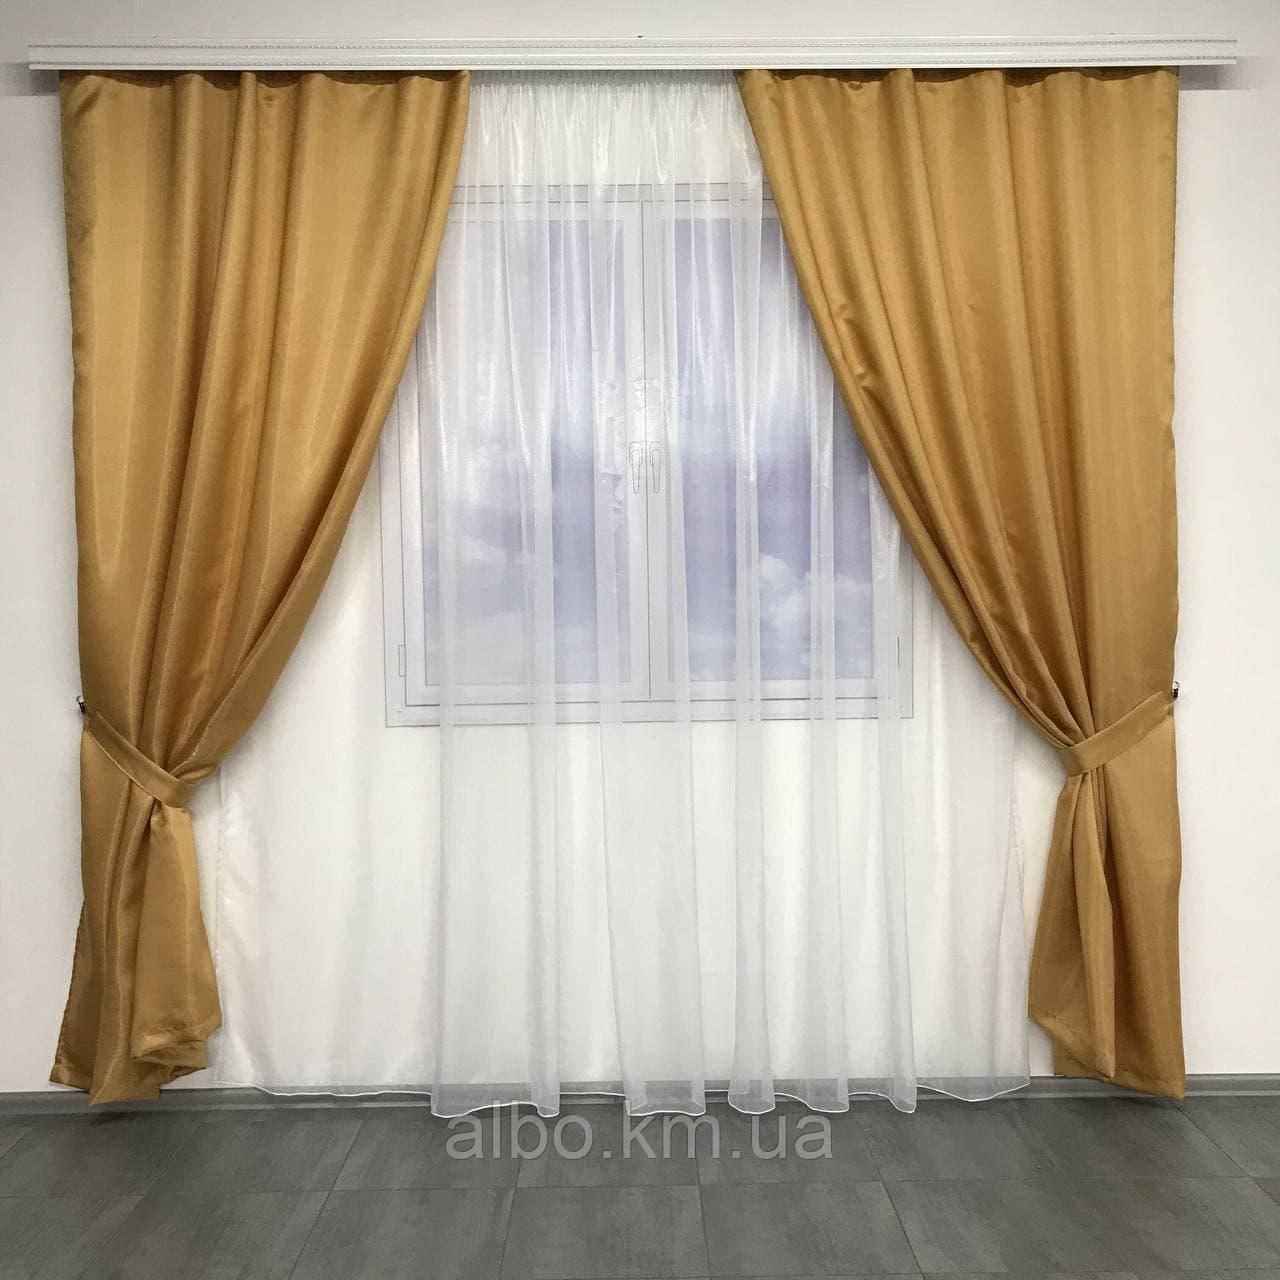 Штори для кухні спальні кімнати, штори і тюль на вікна в зал кабінет спальню, стильні штори в кімнату зал квартиру, штори монорей